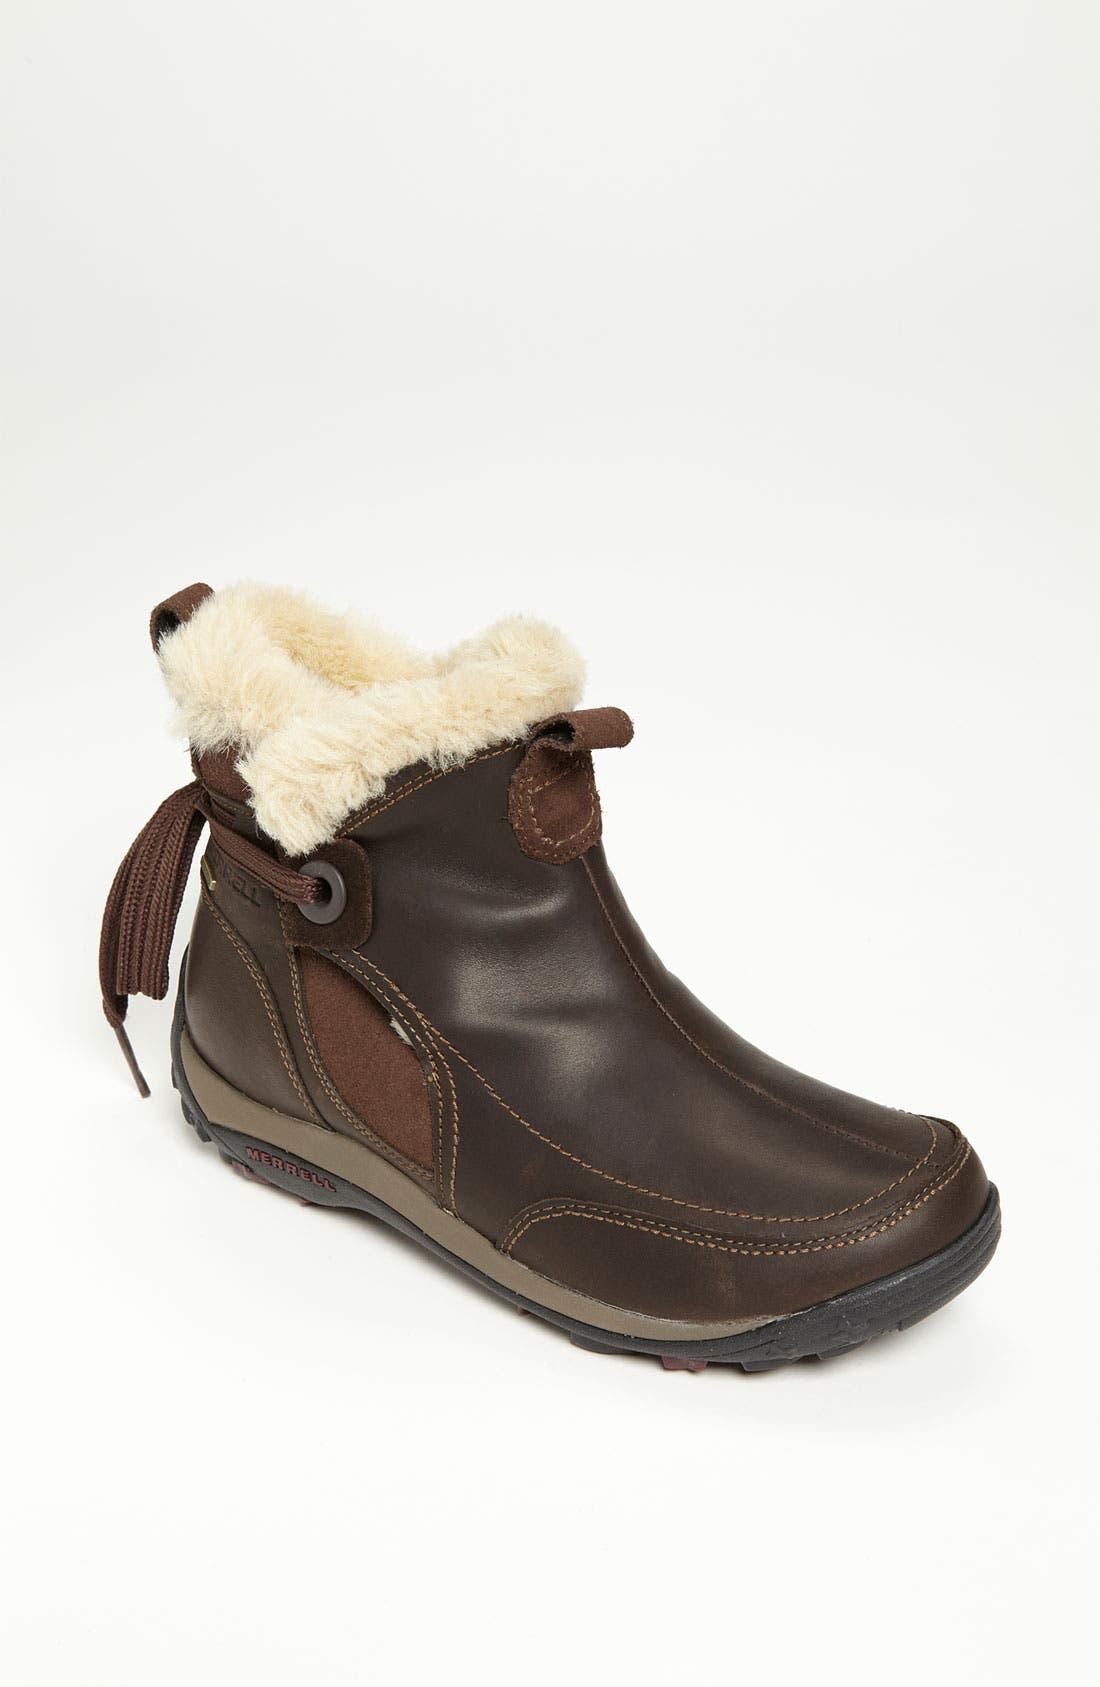 Main Image - Merrell 'Misha' Waterproof Boot (Women)